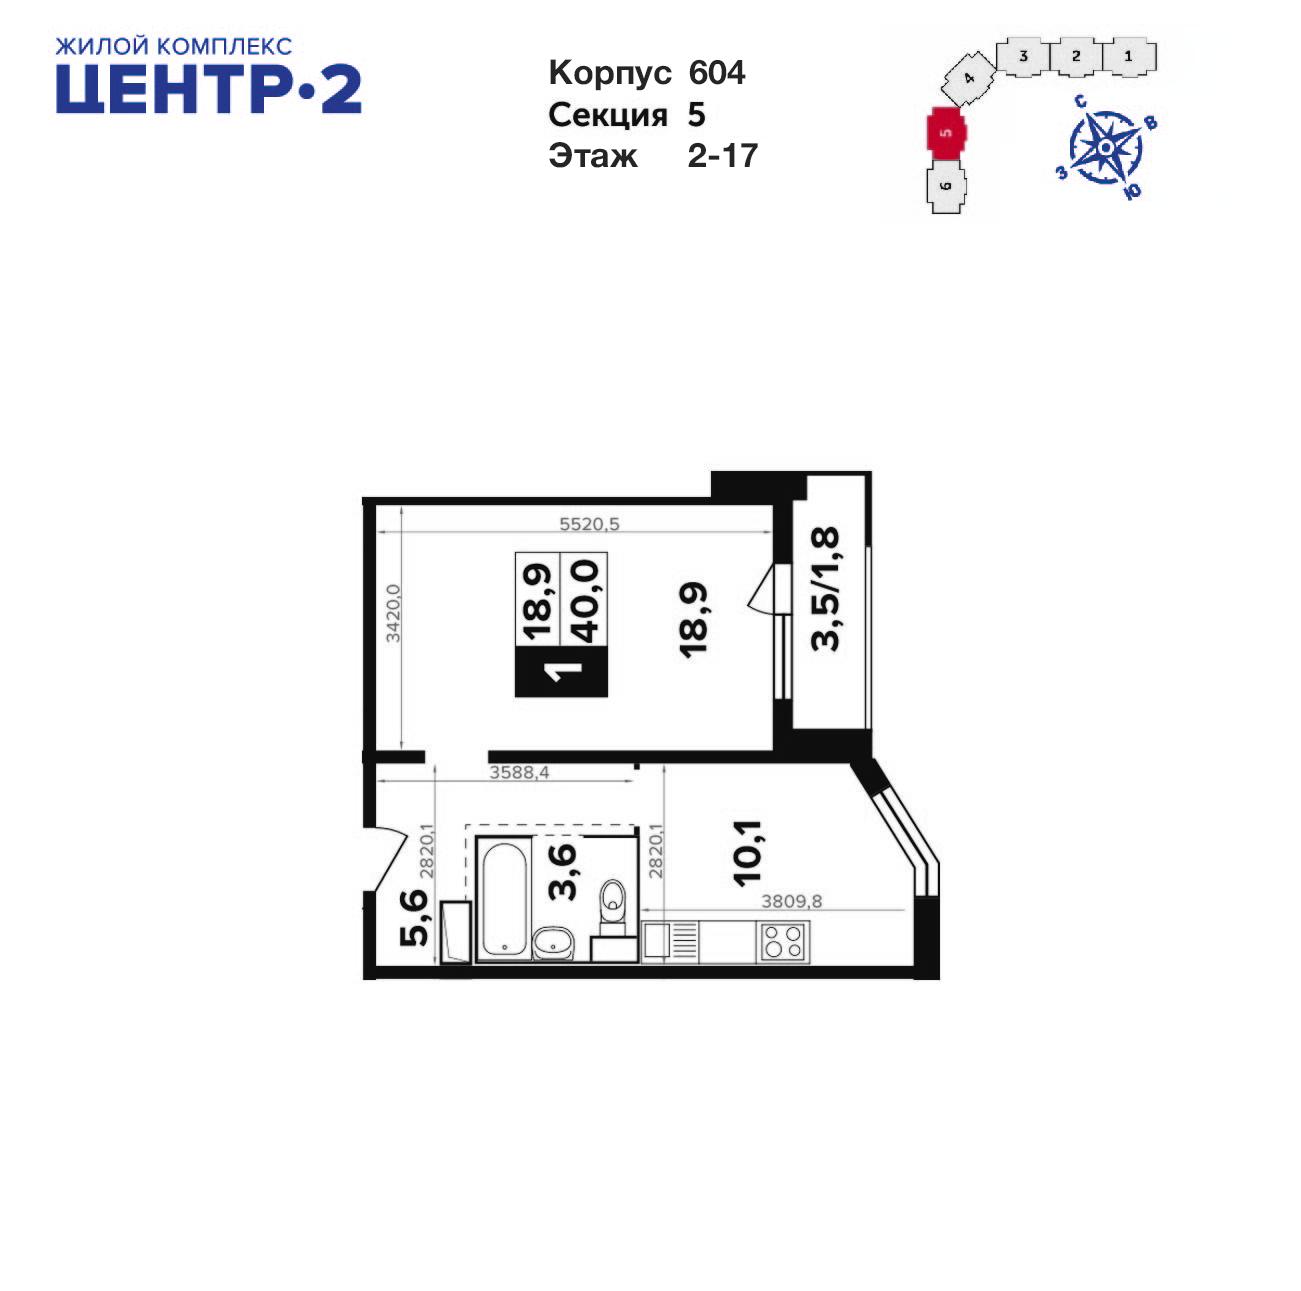 1-комнатная квартира, 39.6м² за 4,1 млн руб.